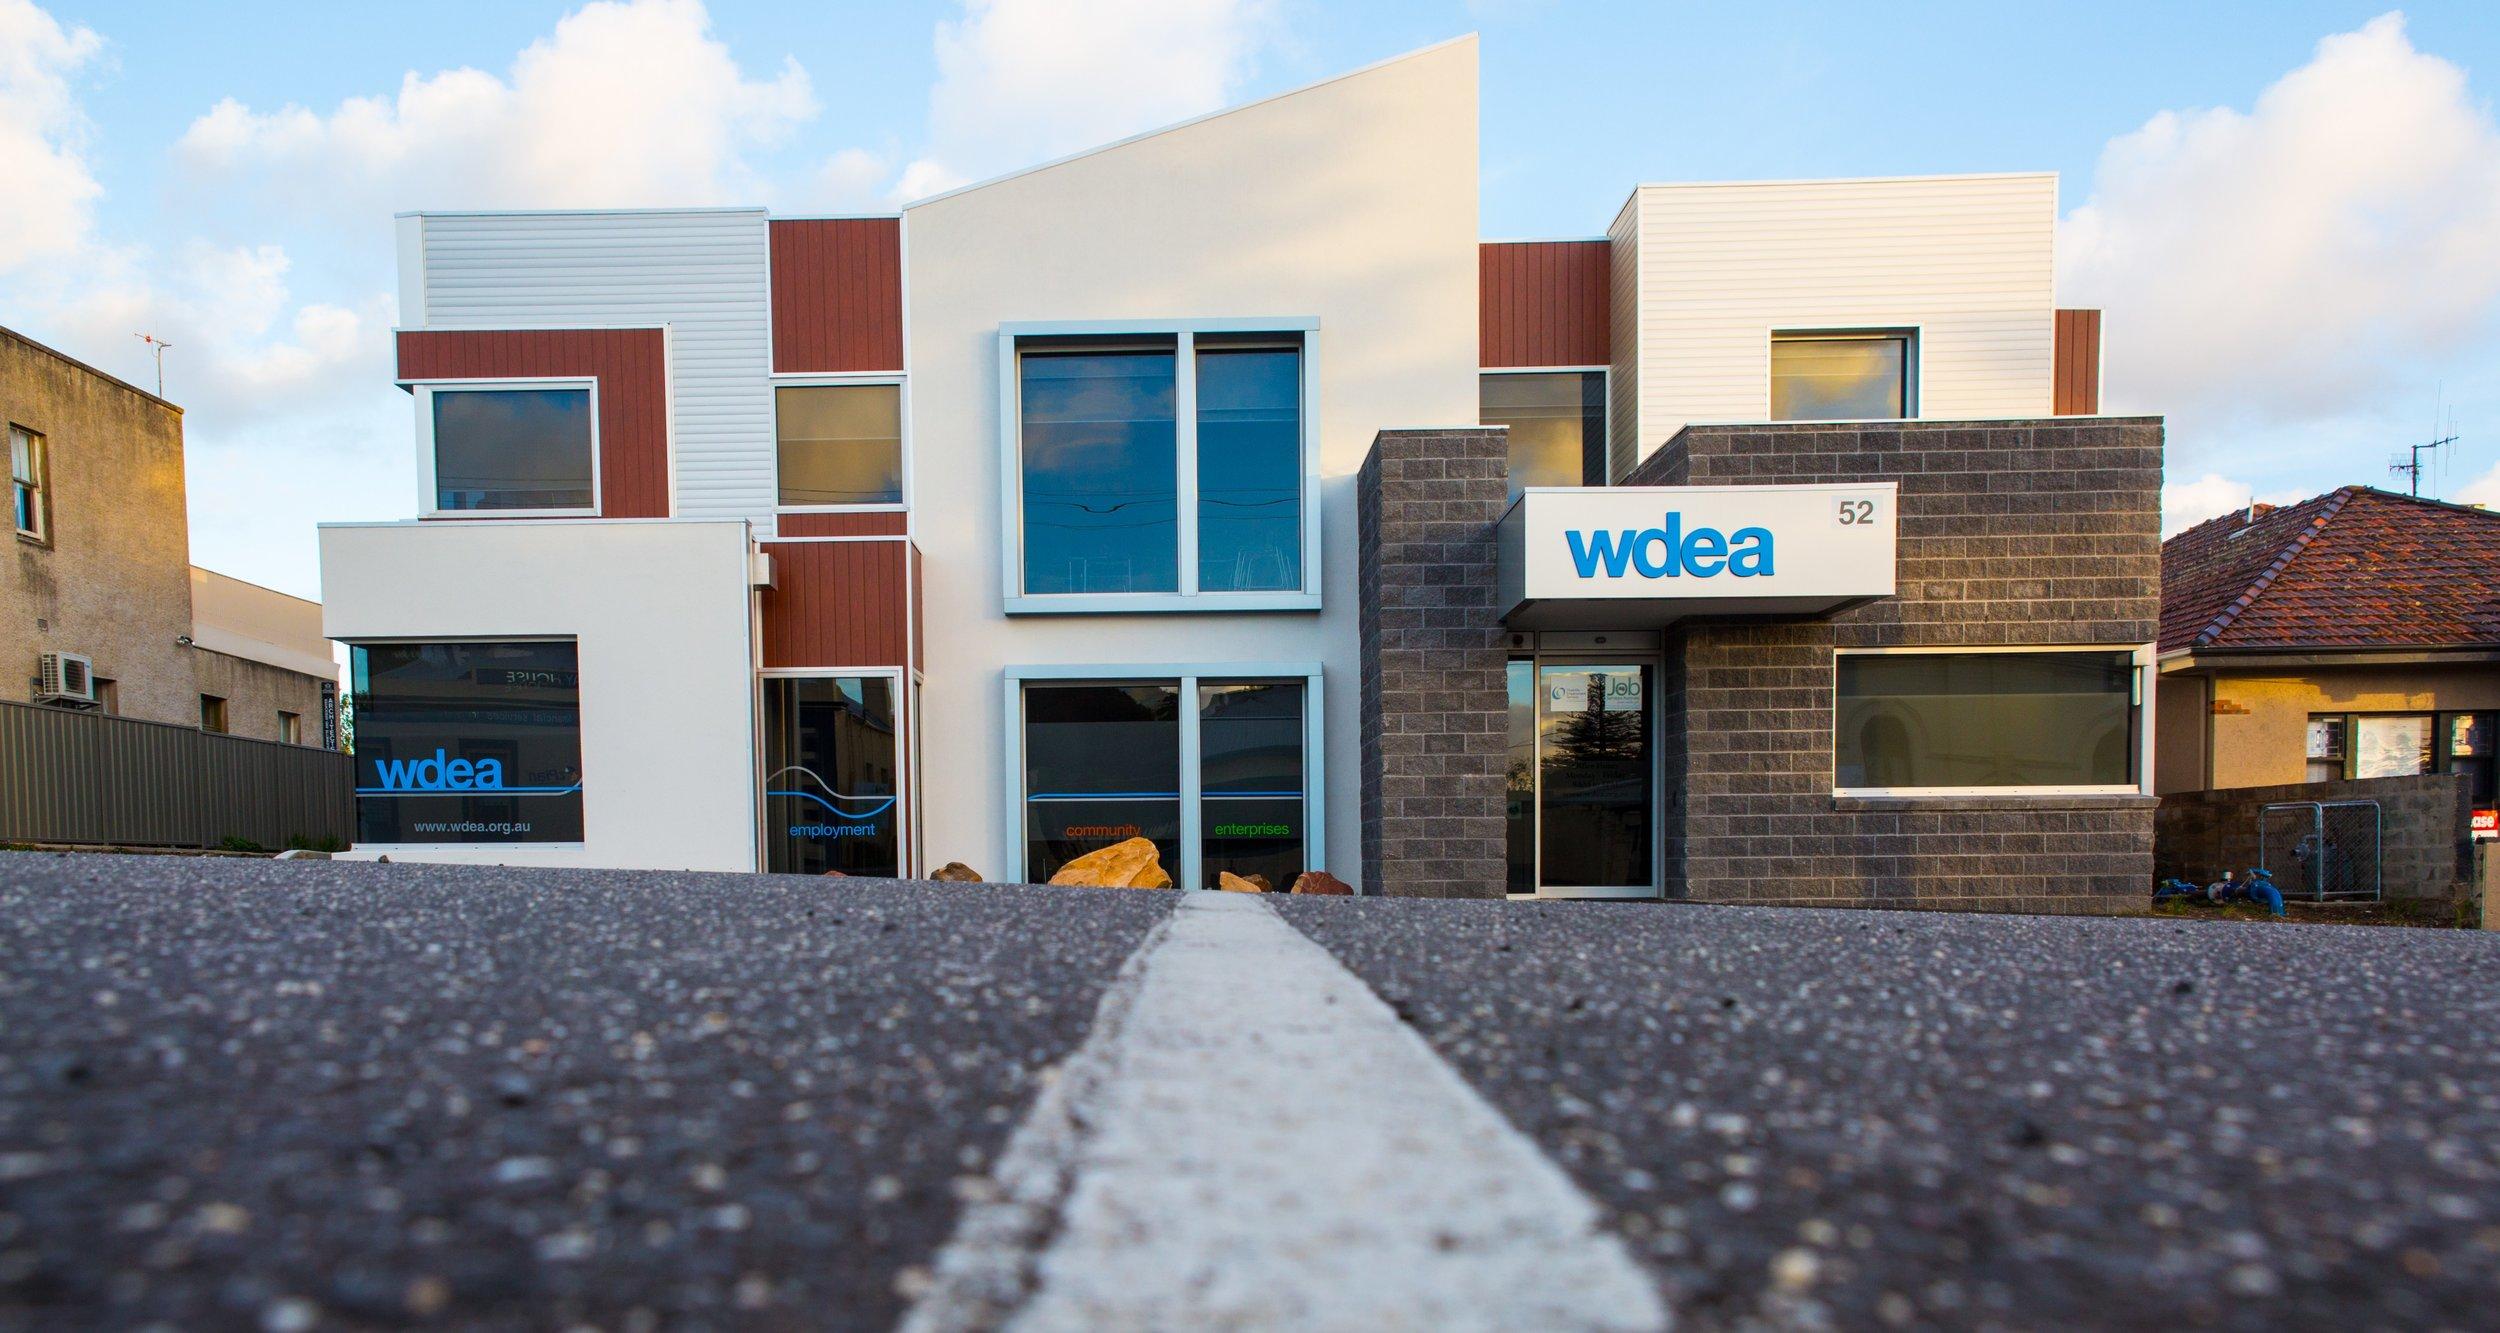 WDEA - WP-29.jpg